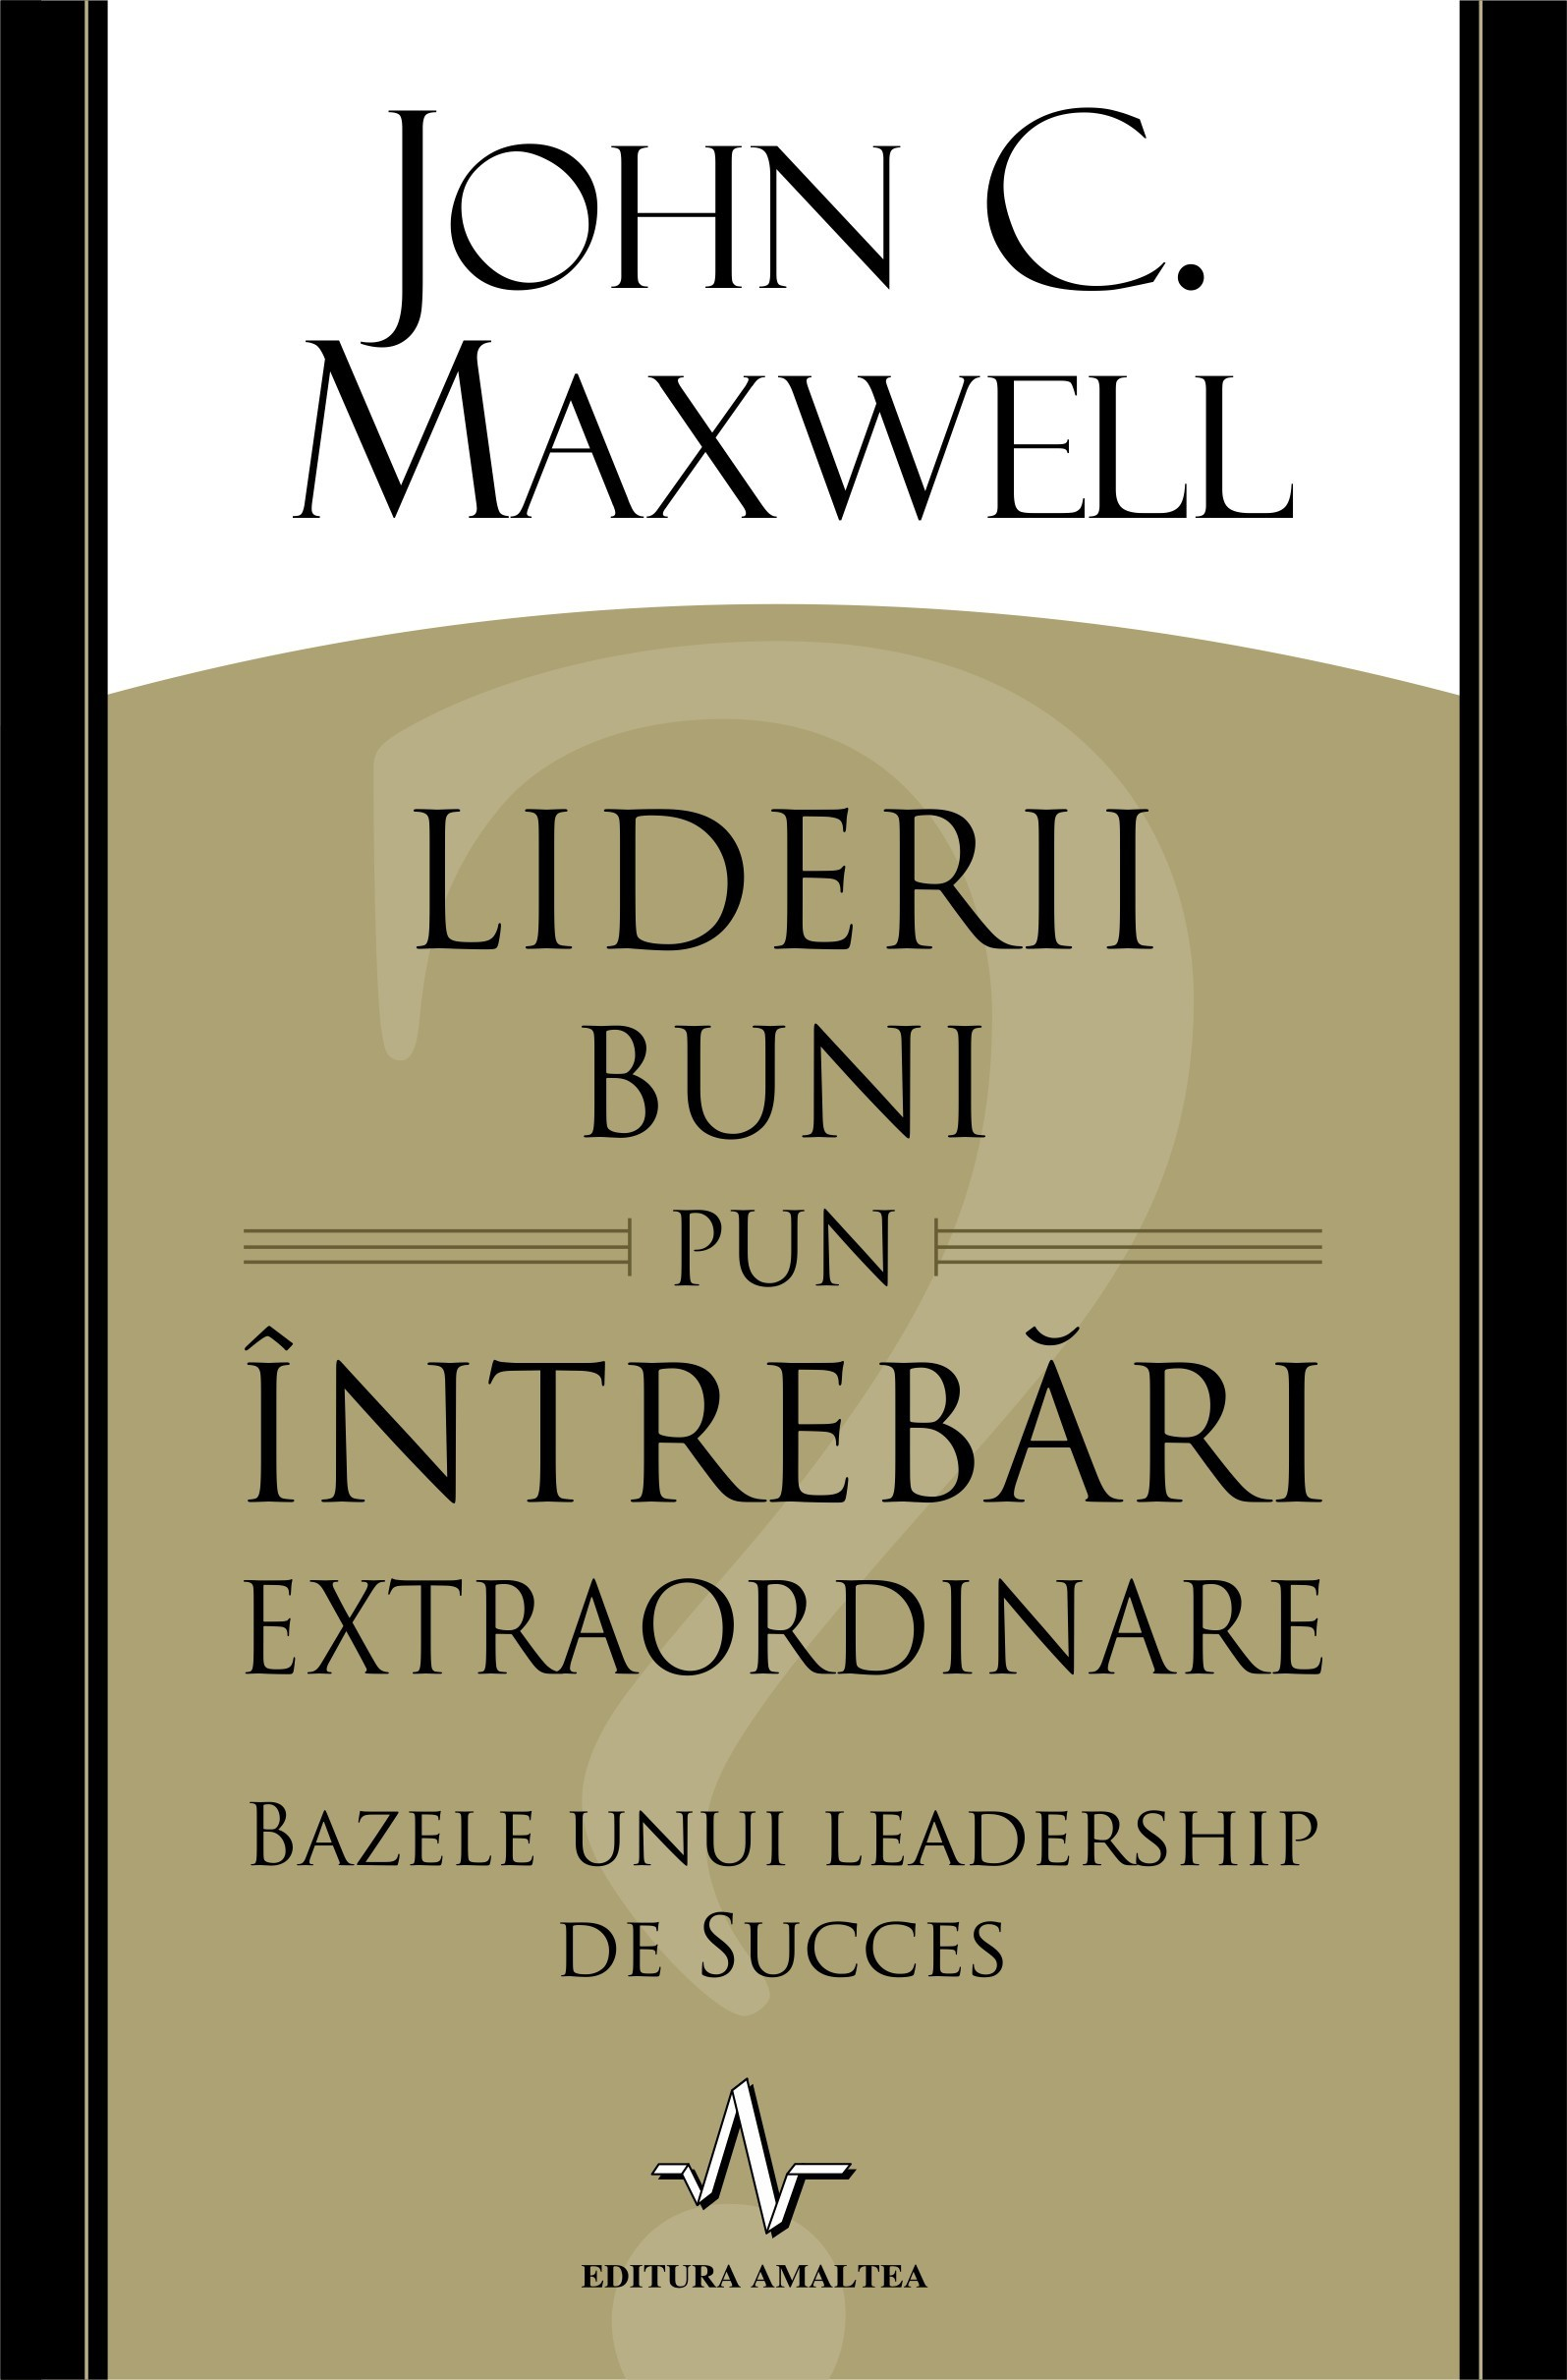 John Maxwell - Liderii buni pun intrebari extraordinare -